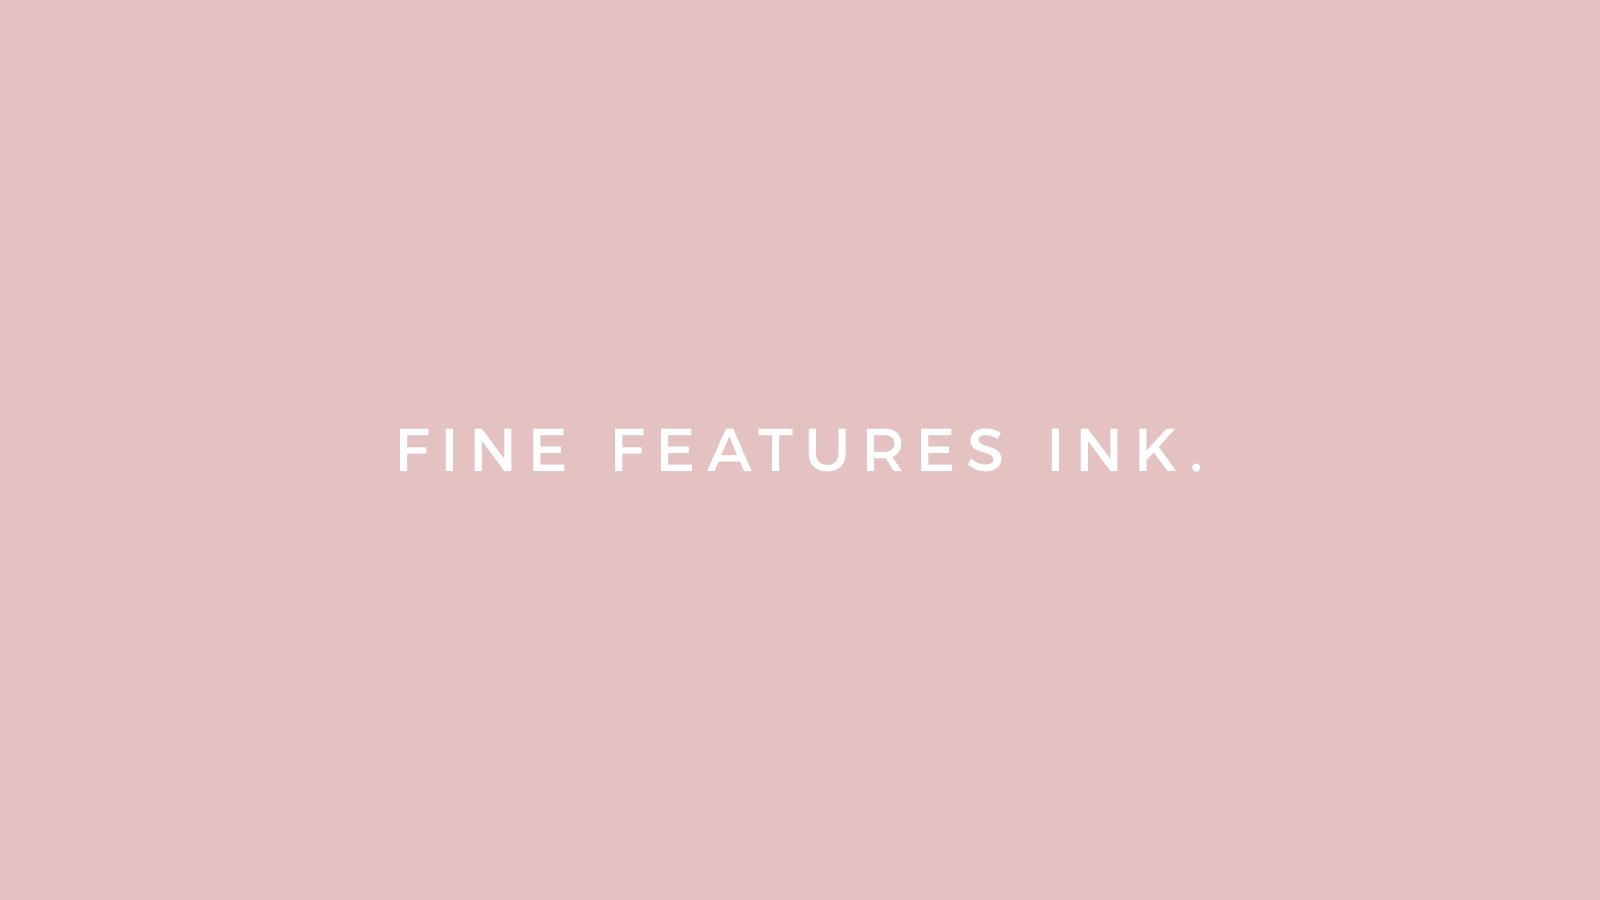 Fine Features Ink Branding Design